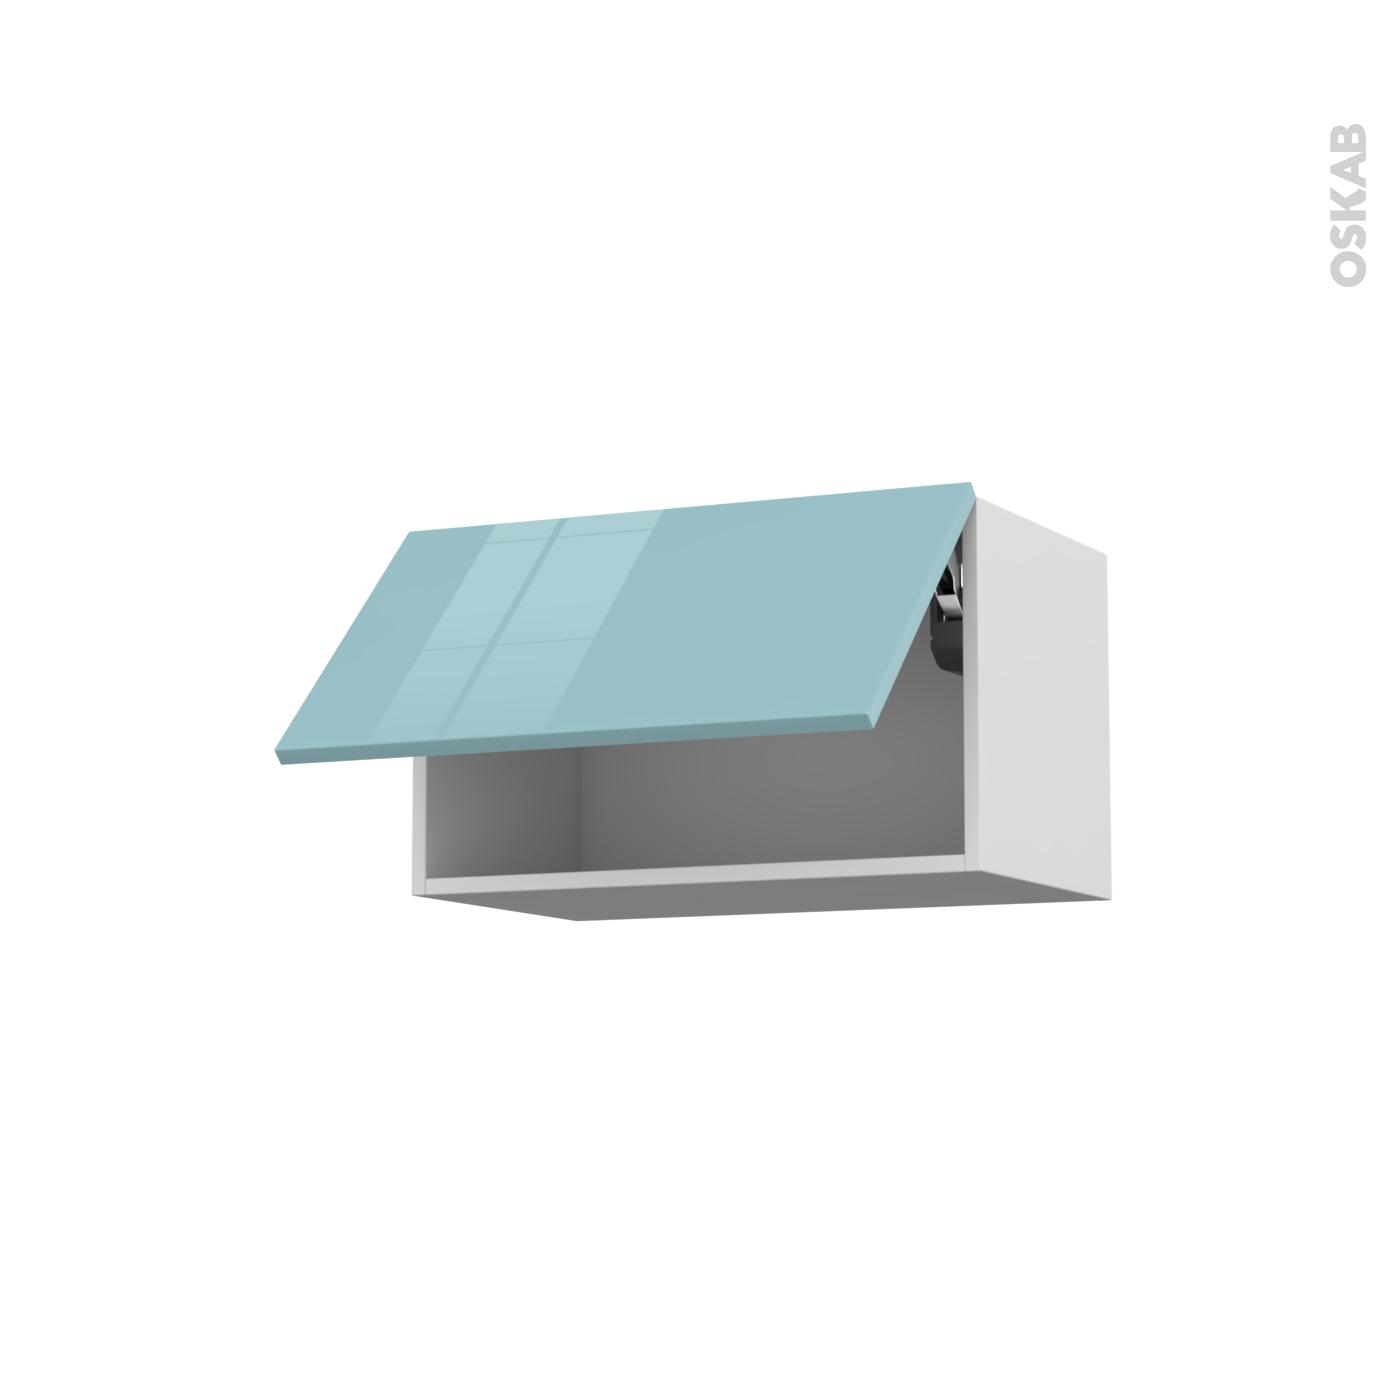 Meuble De Cuisine Haut Abattant Keria Bleu 1 Porte L60 X H35 X P37 Cm Oskab